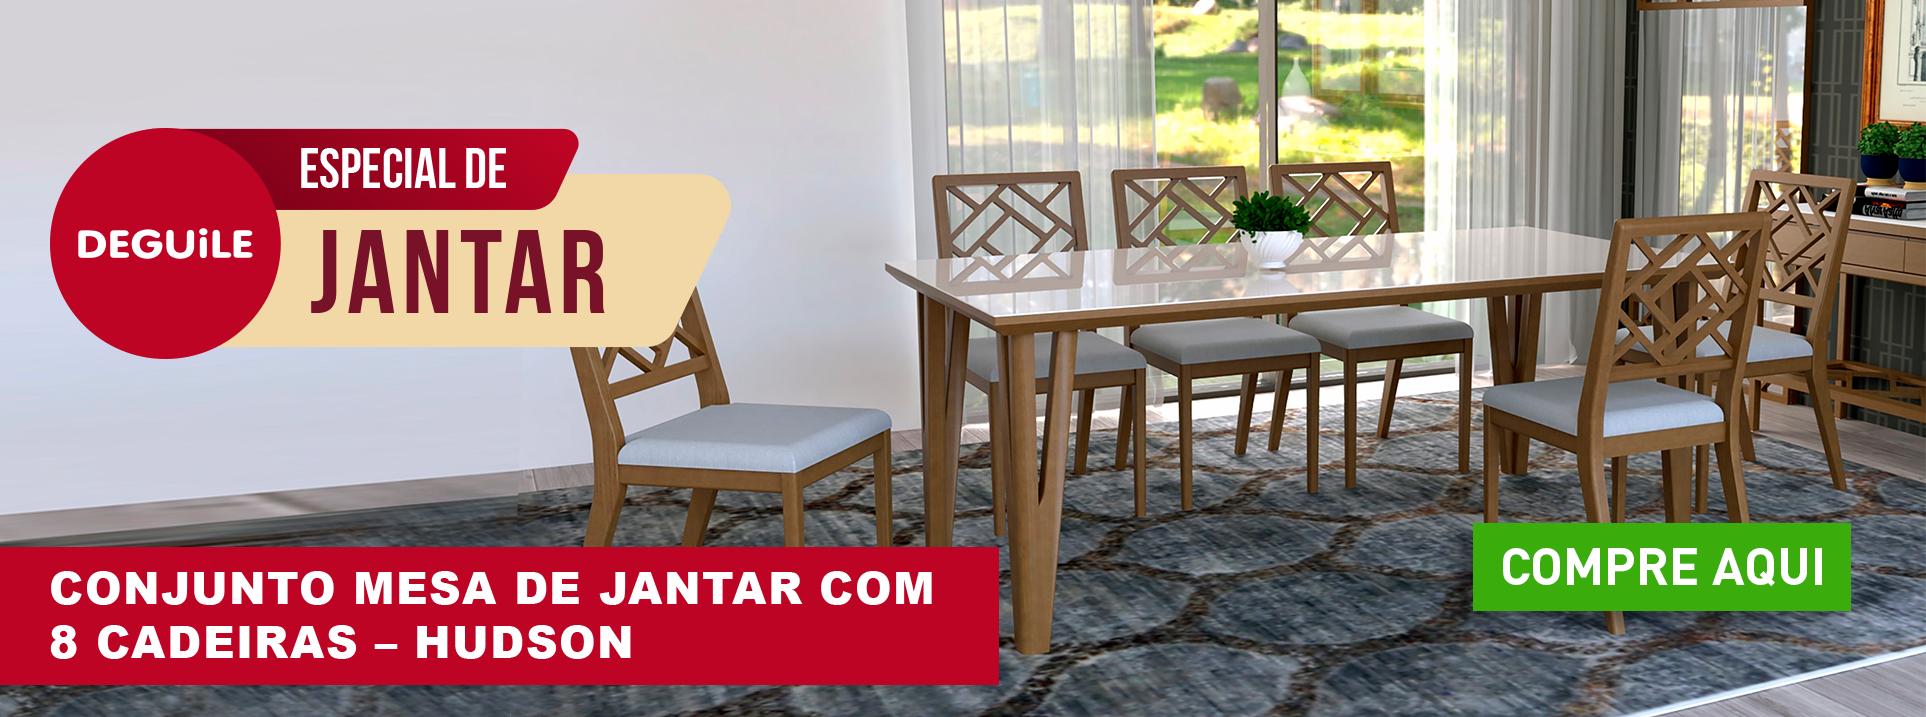 Conjunto Mesa de Jantar com 8 cadeiras - HUDSON